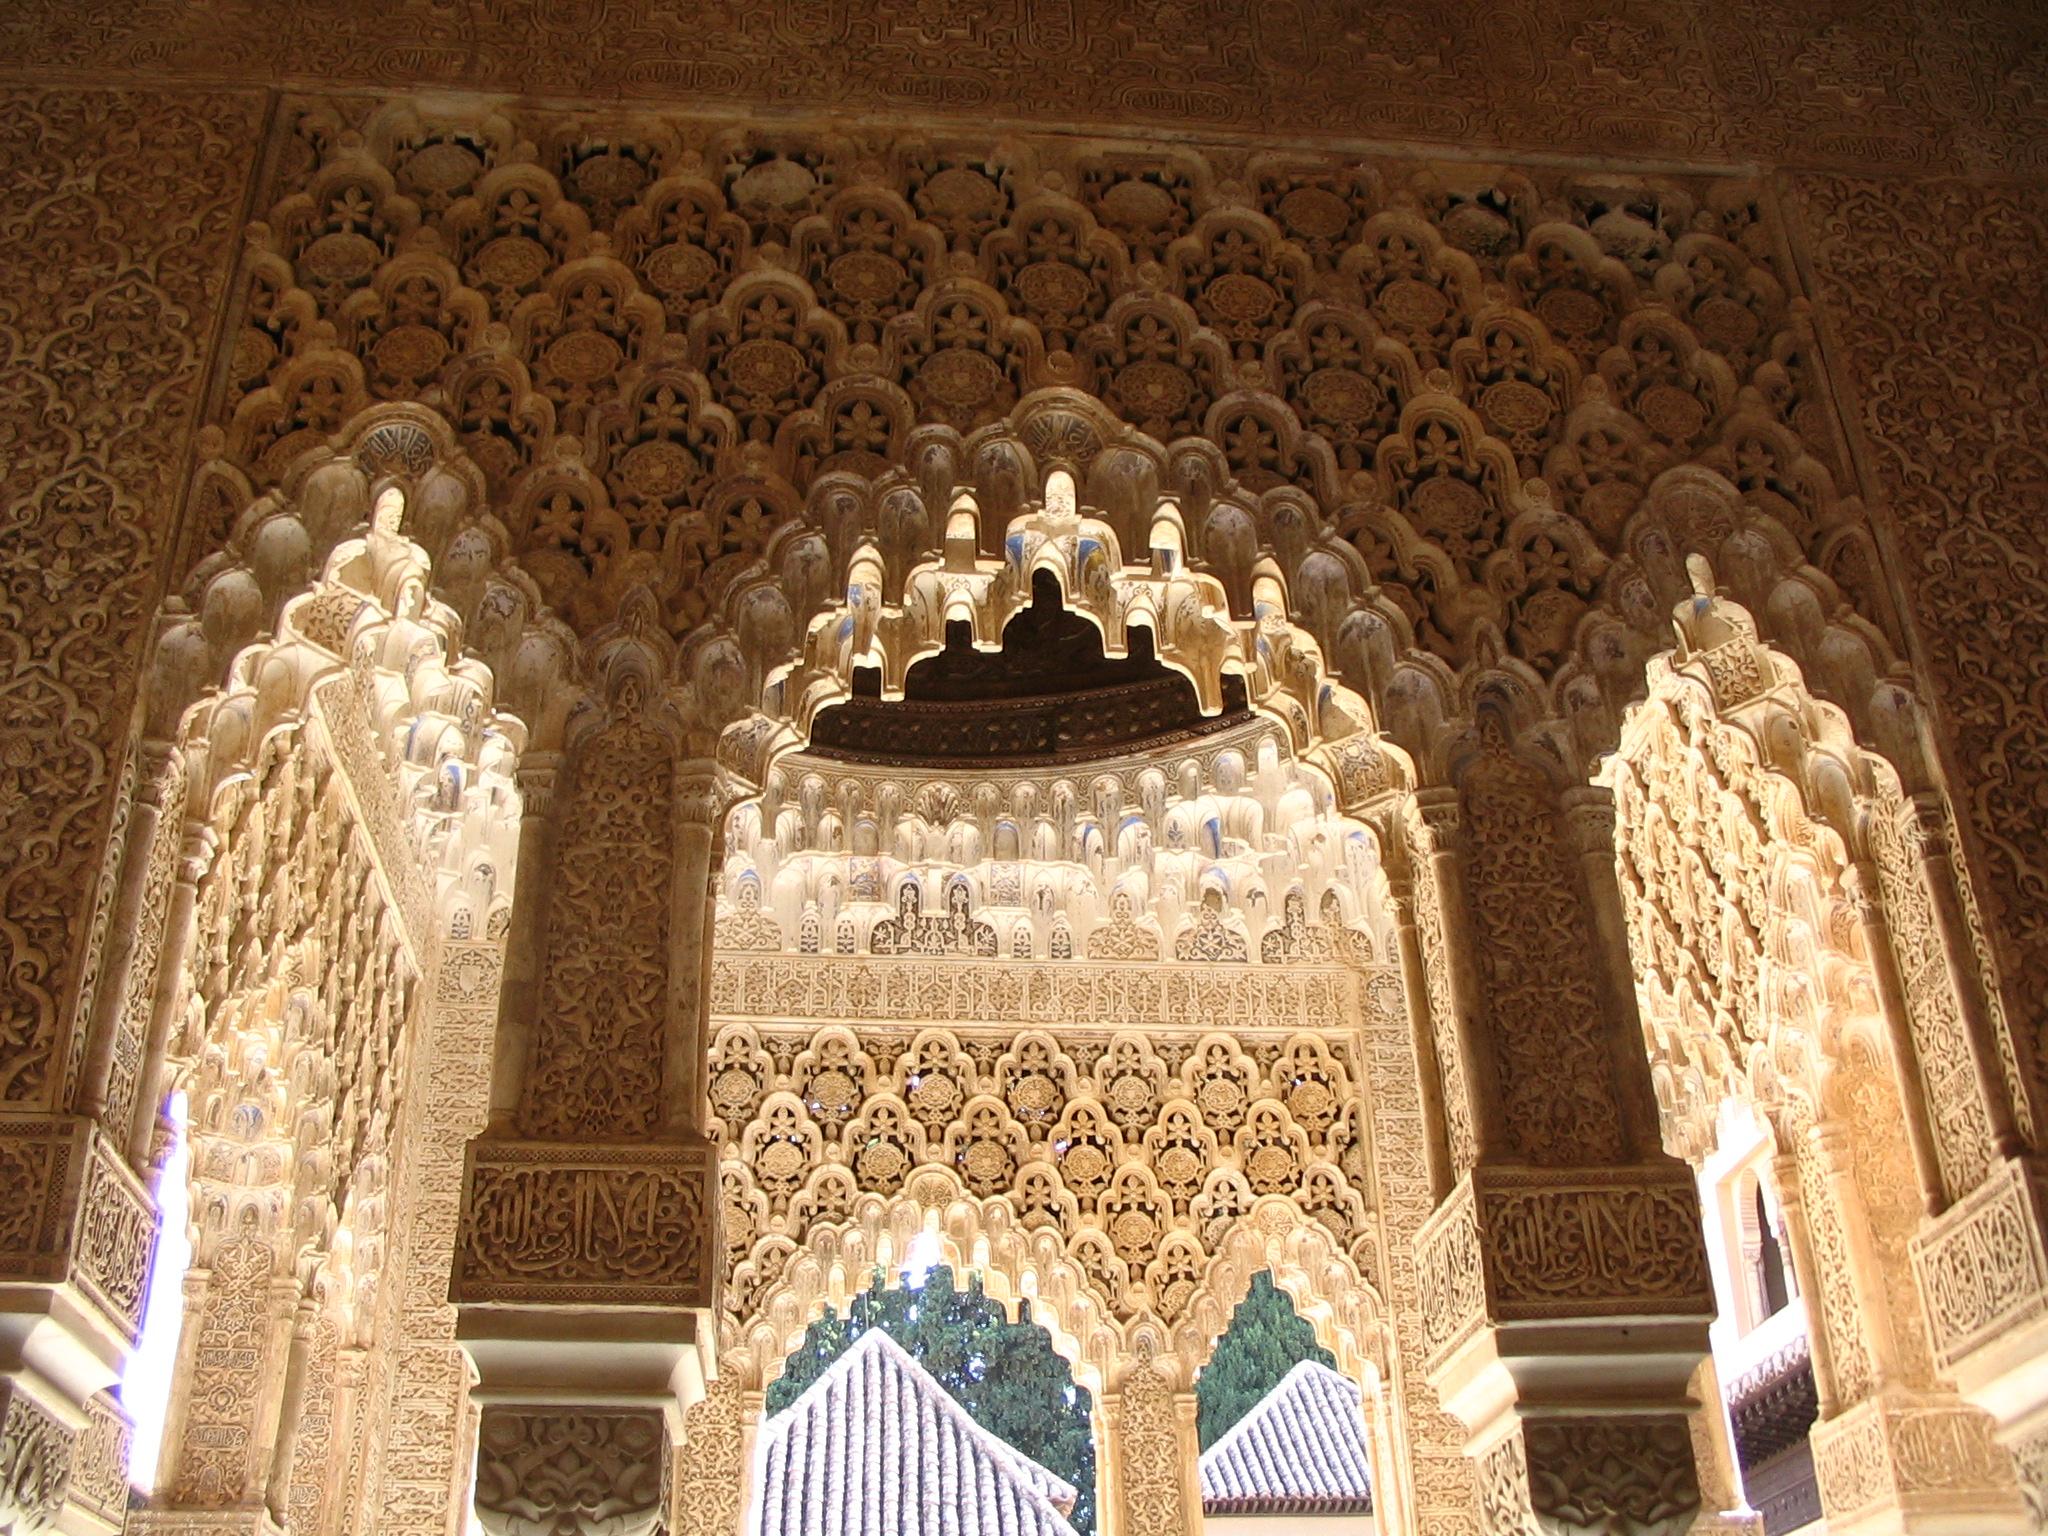 File:Arcos en patio de los leones, la Alhambra.JPG